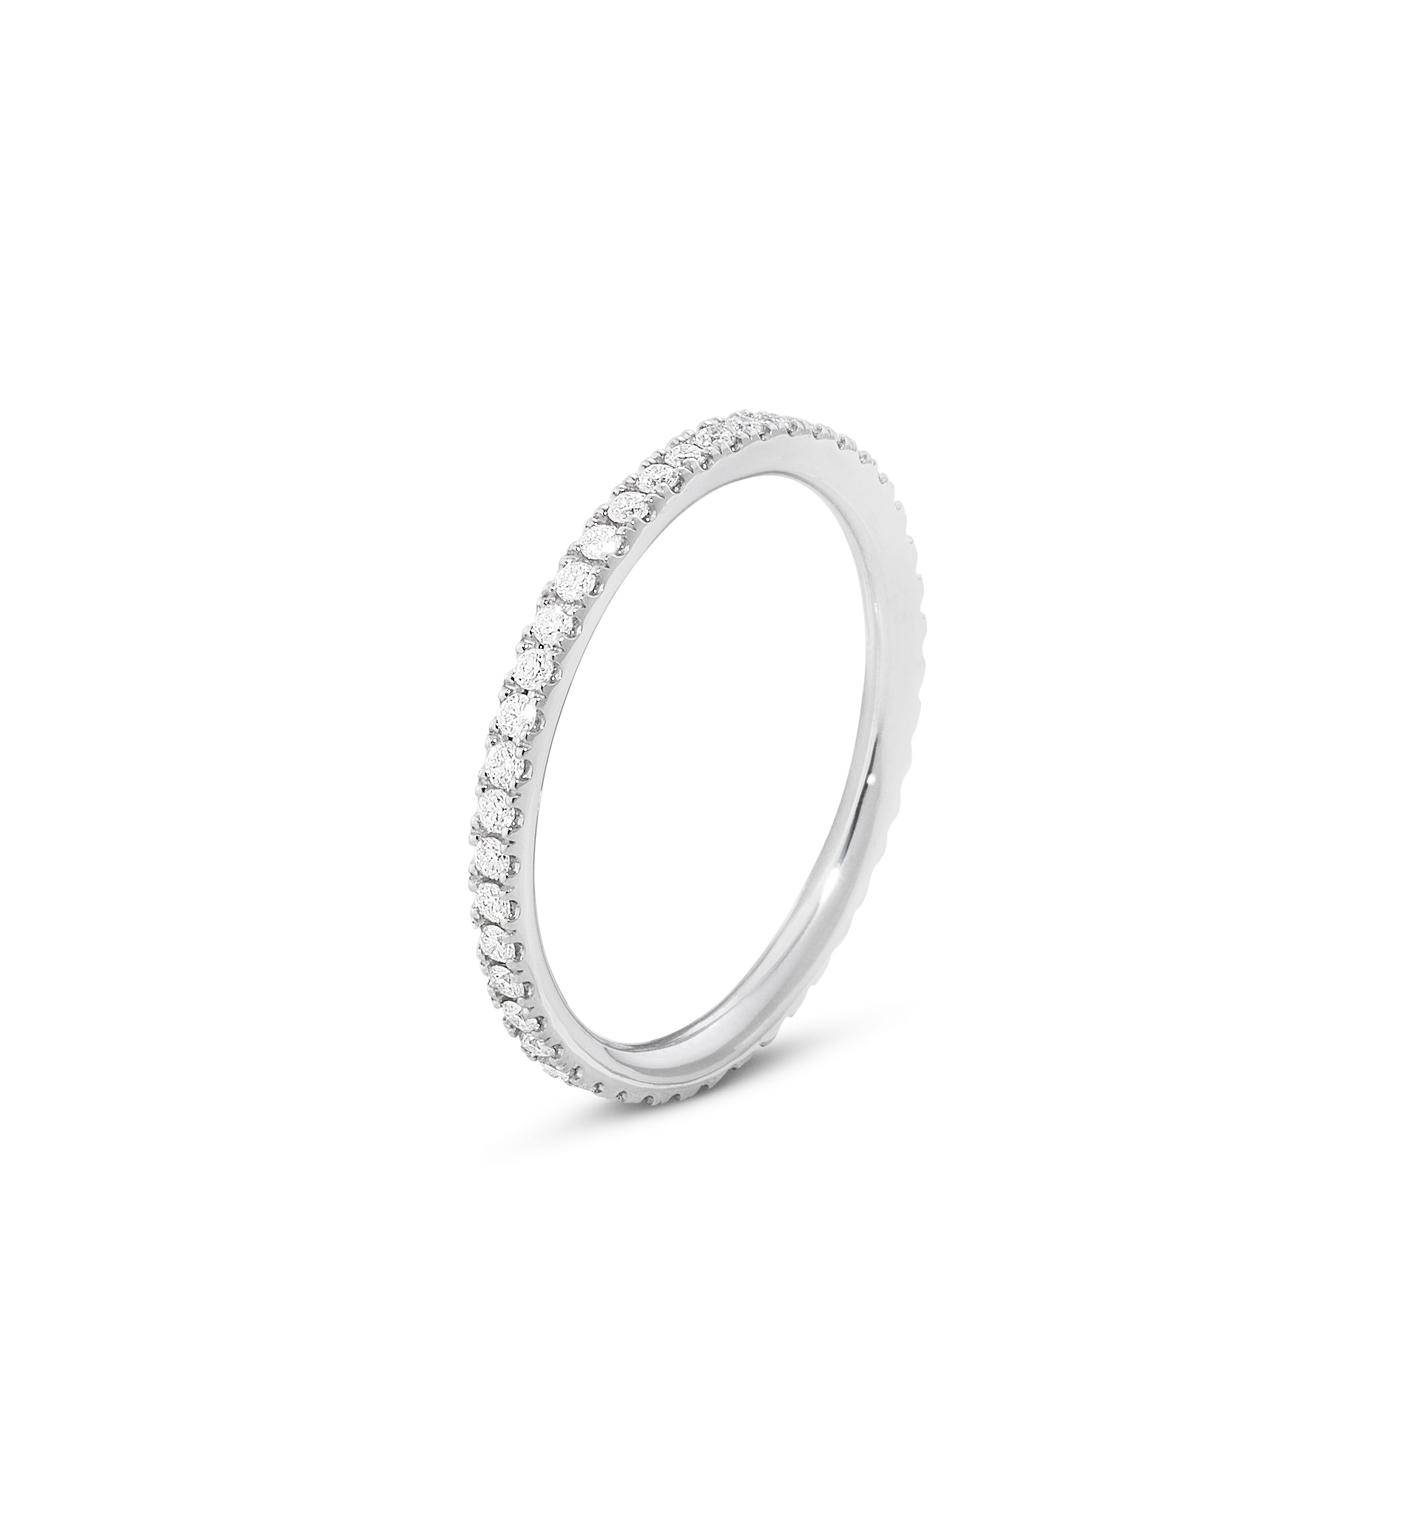 Image of   Georg Jensen AURORA ring - 3572740 Størrelse 52